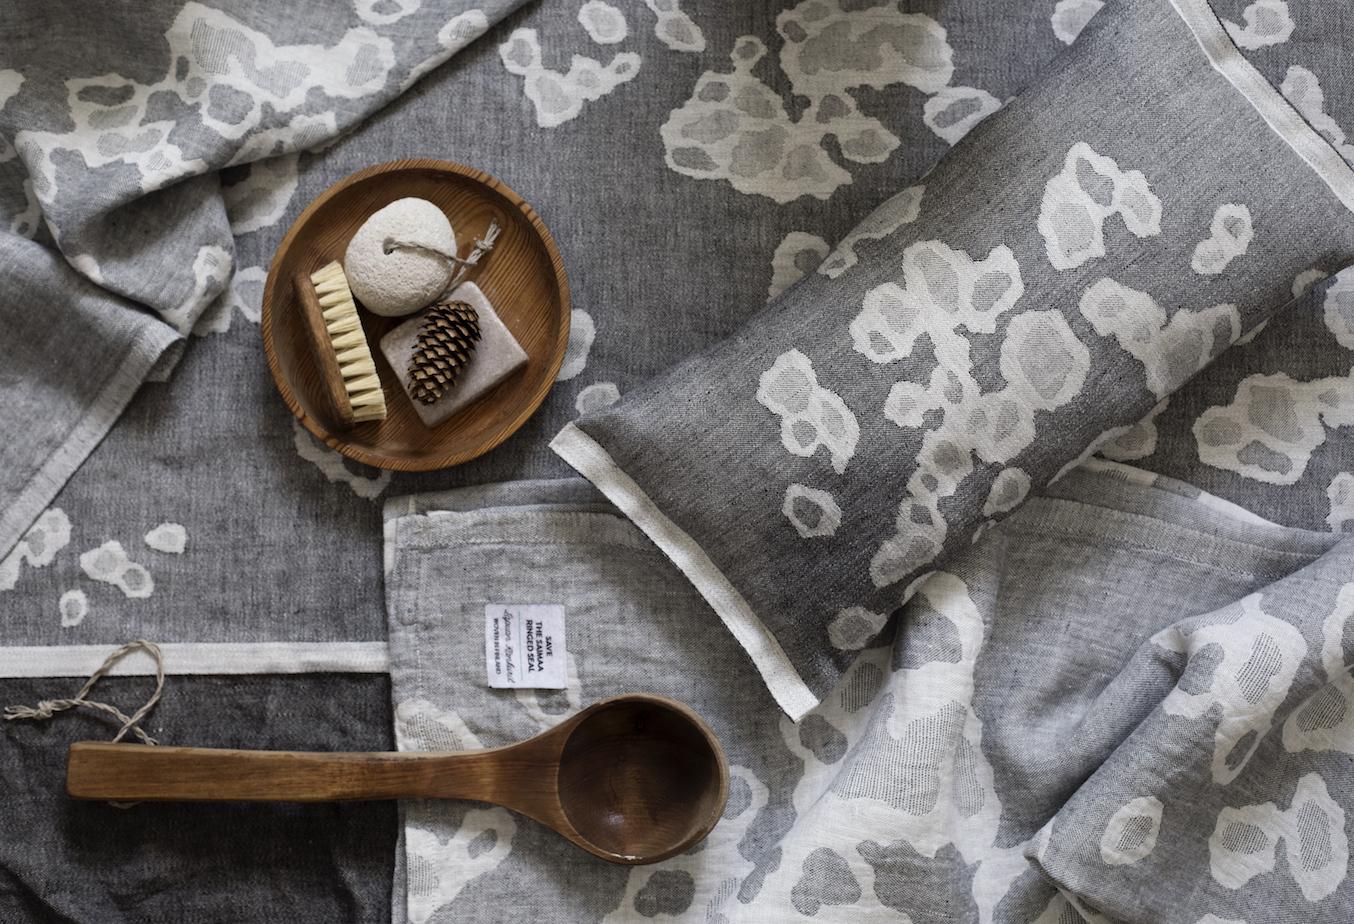 フィンランドのアザラシを想う、リネンで織られたワモン柄のイメージ画像